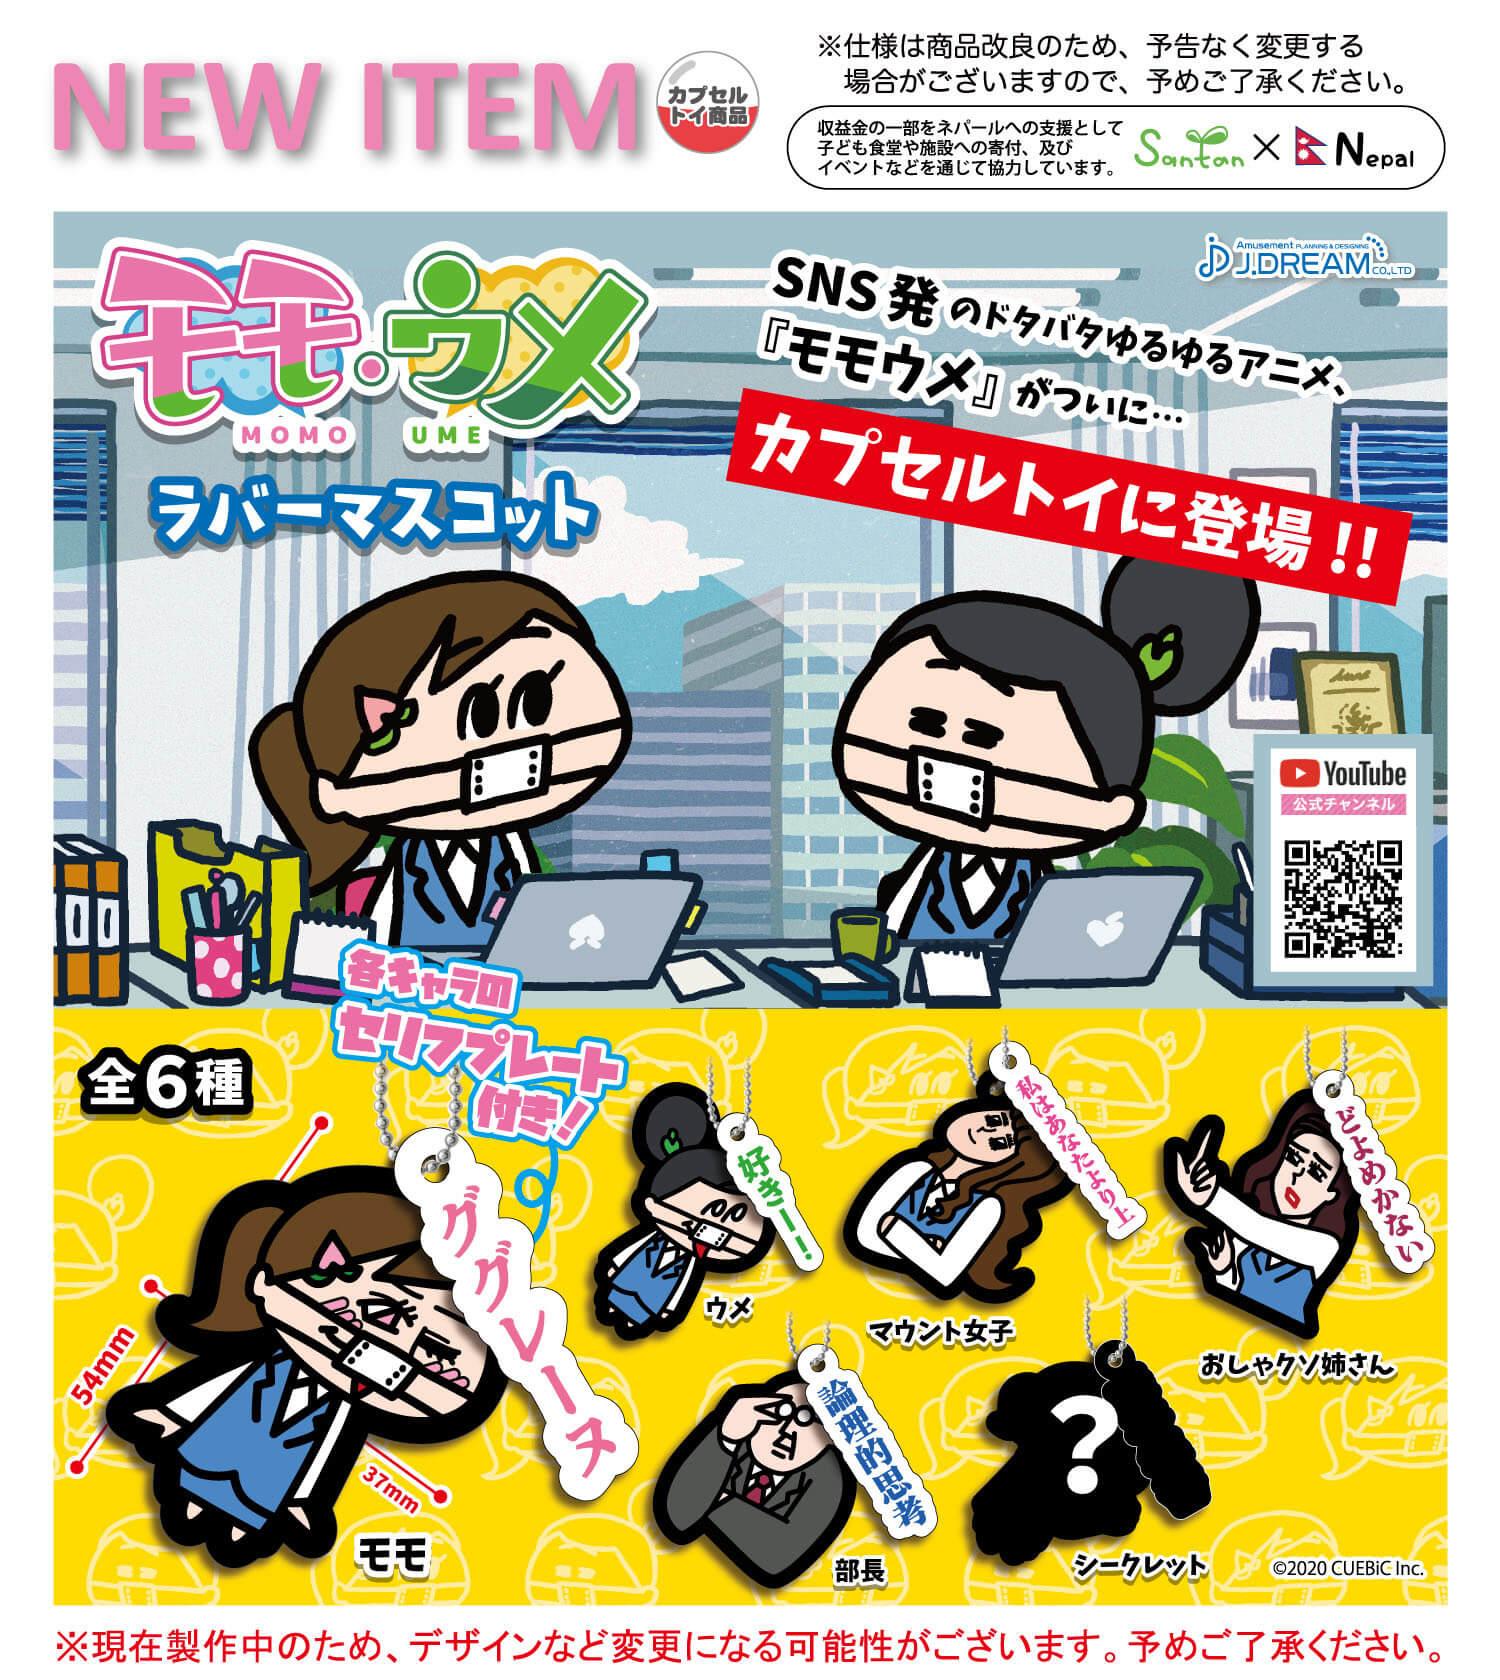 話題のSNSアニメ『モモウメ』がついにカプセルトイに登場!ラバーマスコットが4月7日(水)より販売開始!